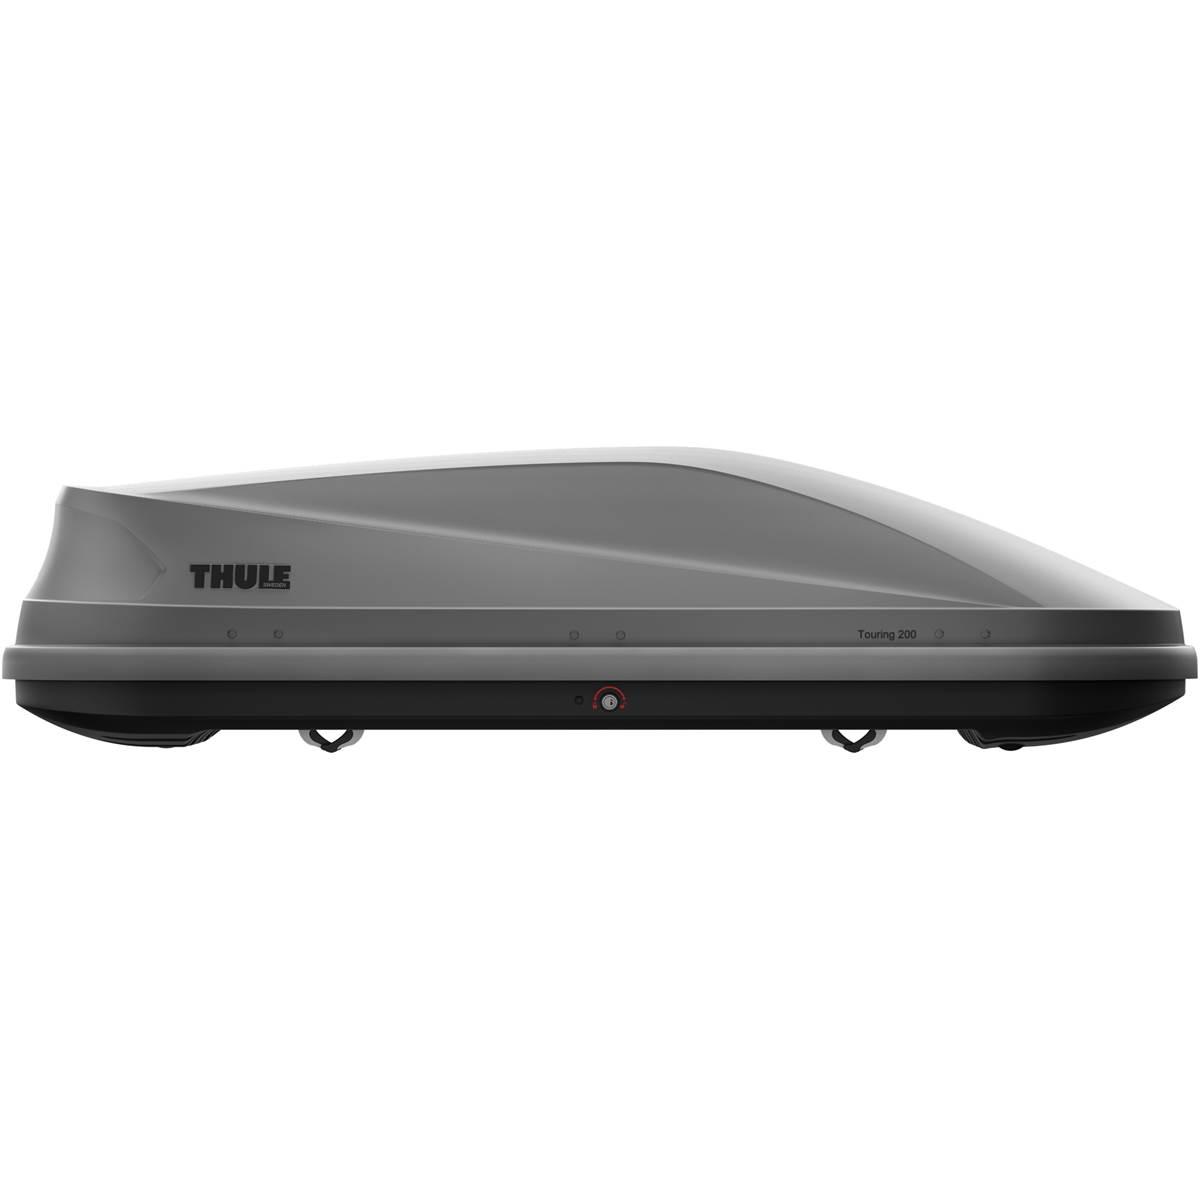 Coffre de toit Thule Touring M gris